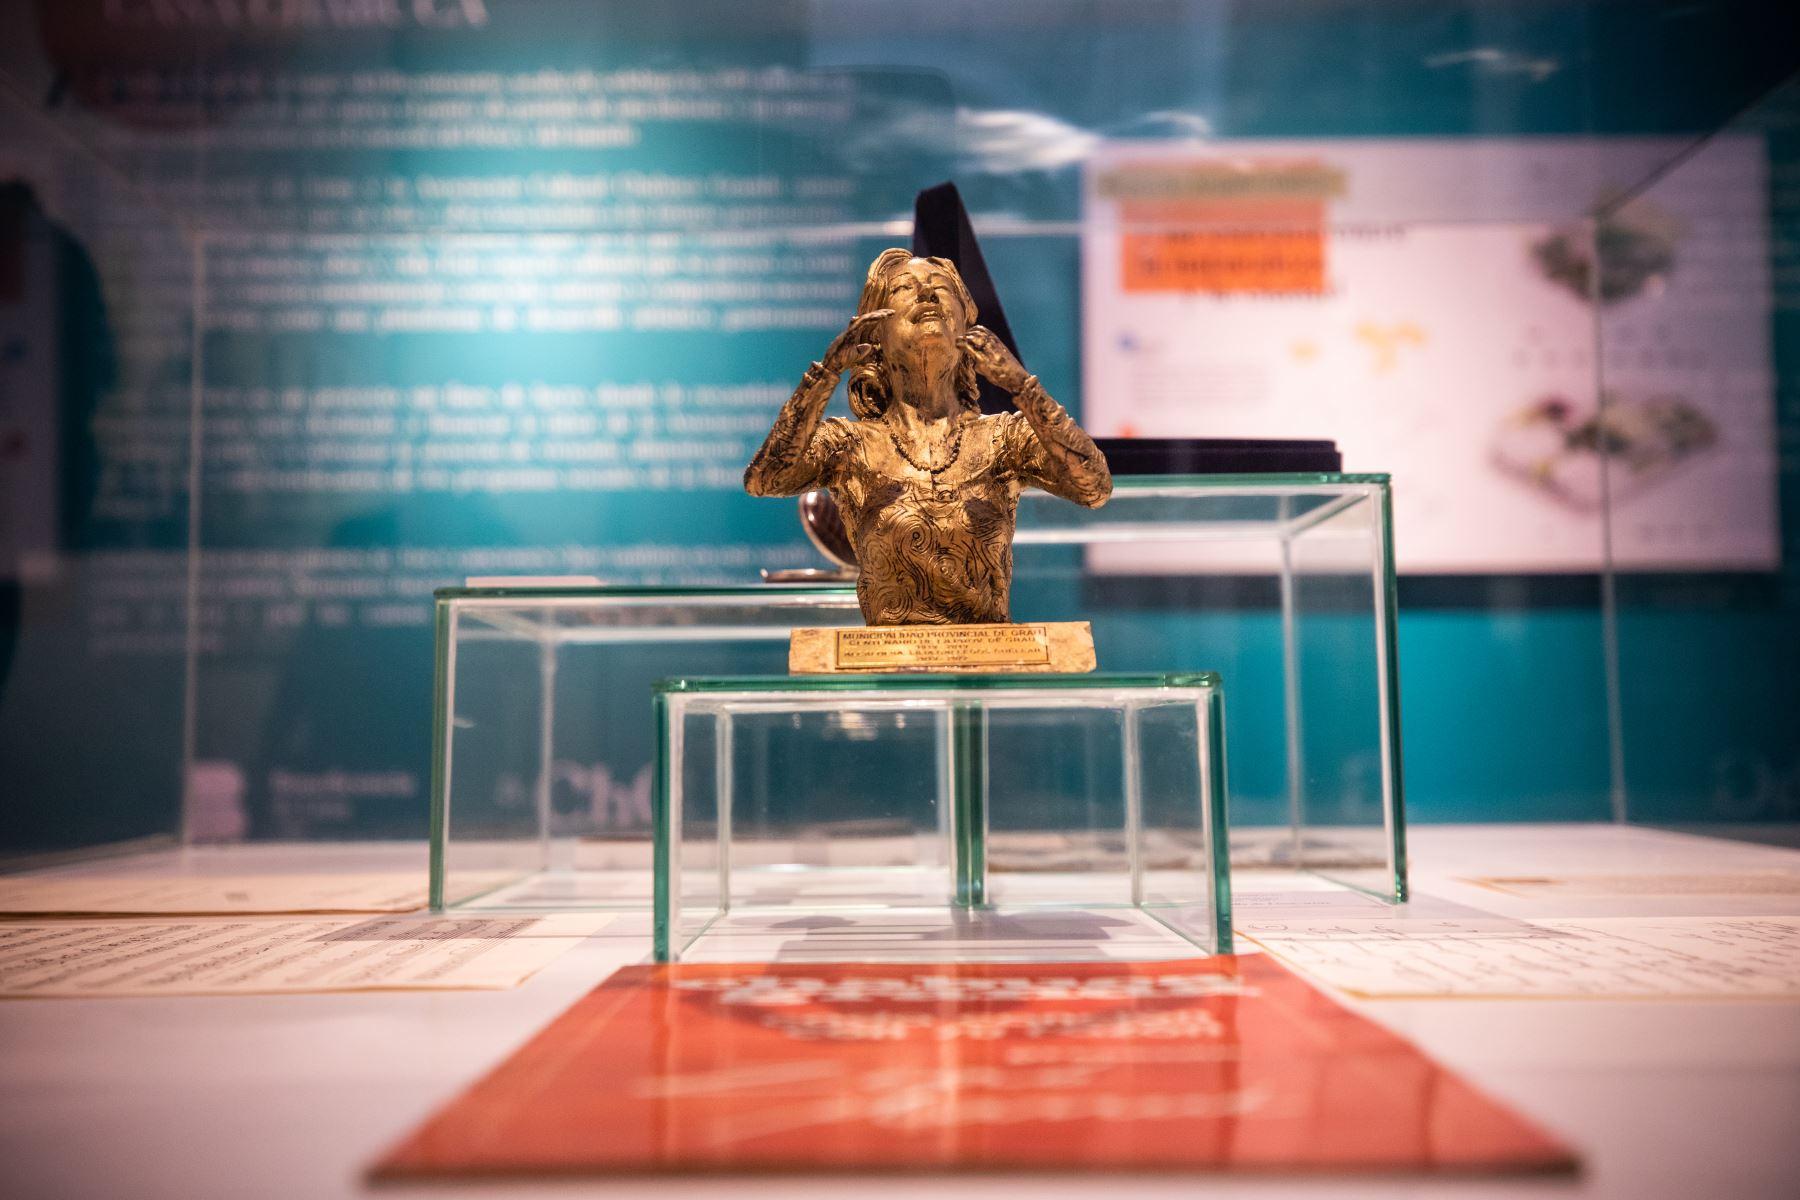 En conmemoración por los 100 años del nacimiento de Chabuca Granda, el alcalde Jorge Muñoz participa de la presentación del museo Casa Chabuca en el Centro Cultural de la Beneficencia de Lima. Chabuca Granda es una fuente inagotable de inspiración. Lima está impregnada de su talento y ese gran amor al Perú. Por ello, el museo Casa Chabuca será un importante espacio cultural en homenaje a ella y servirá como una plataforma de desarrollo artístico. Foto: MML